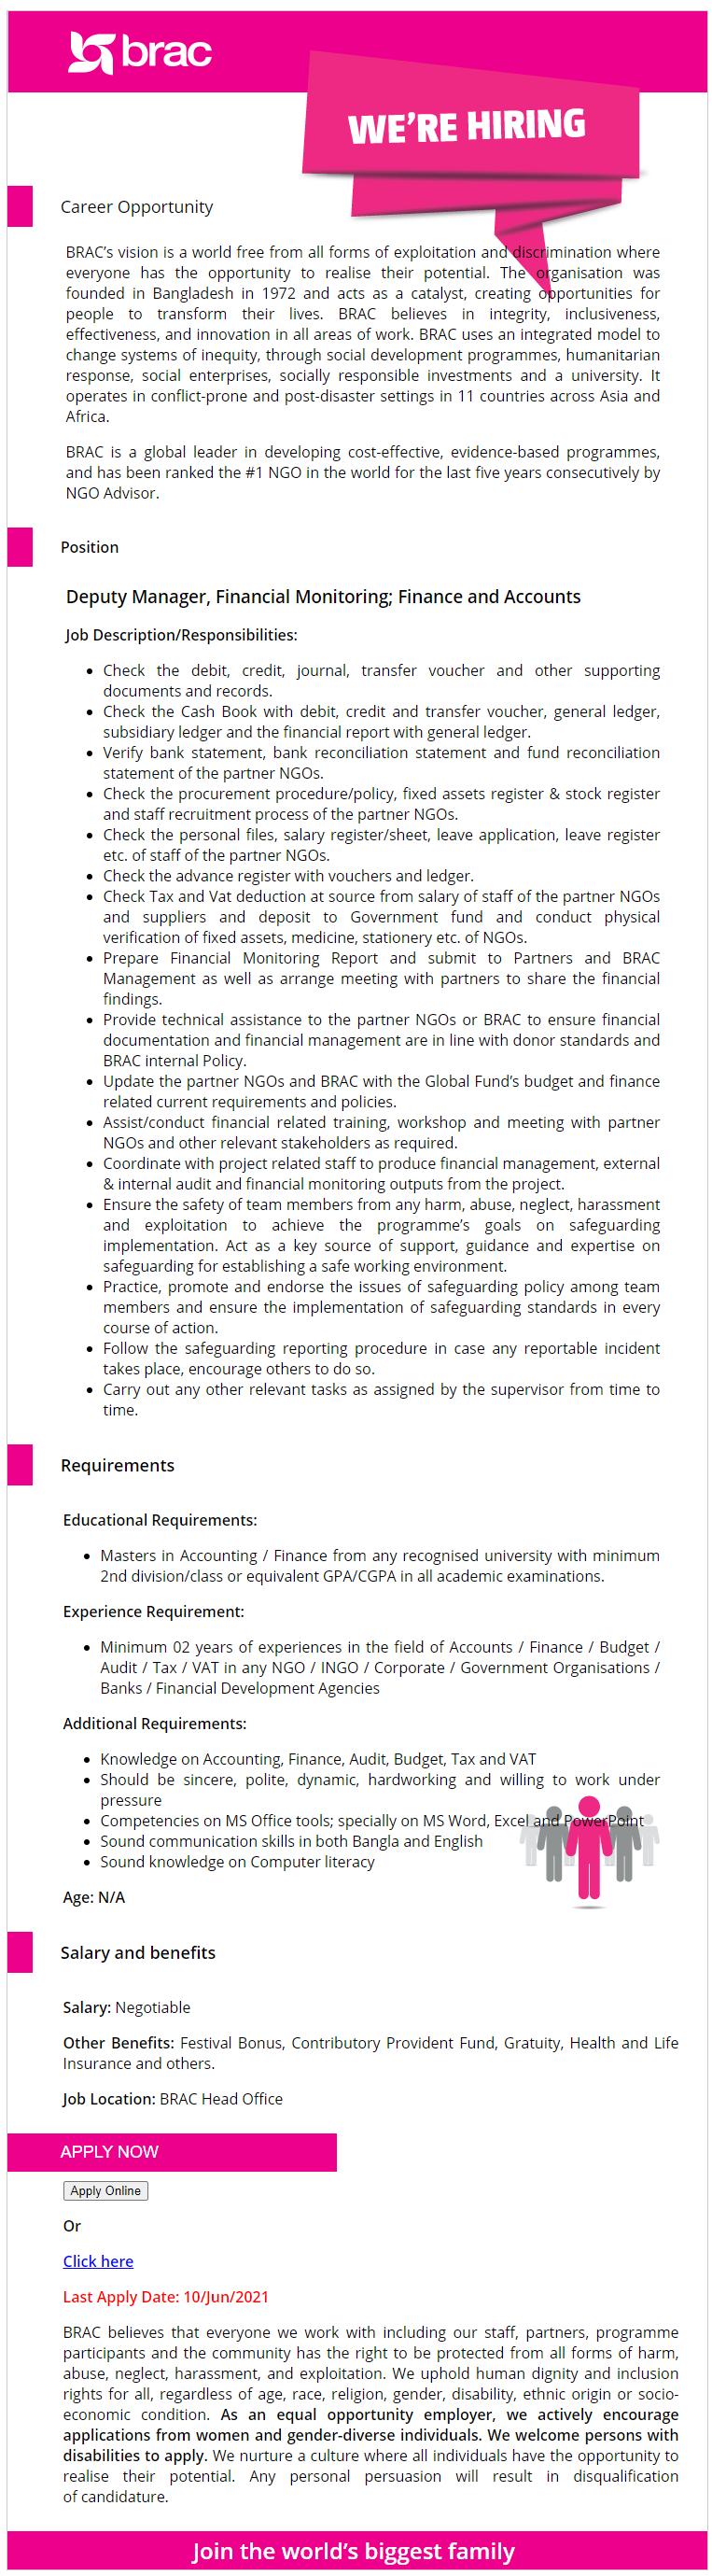 ব্র্যাক এনজিও চাকরির নিয়োগ সার্কুলার ২০২১ - BRAC NGO Job Recruitment Circular 2021